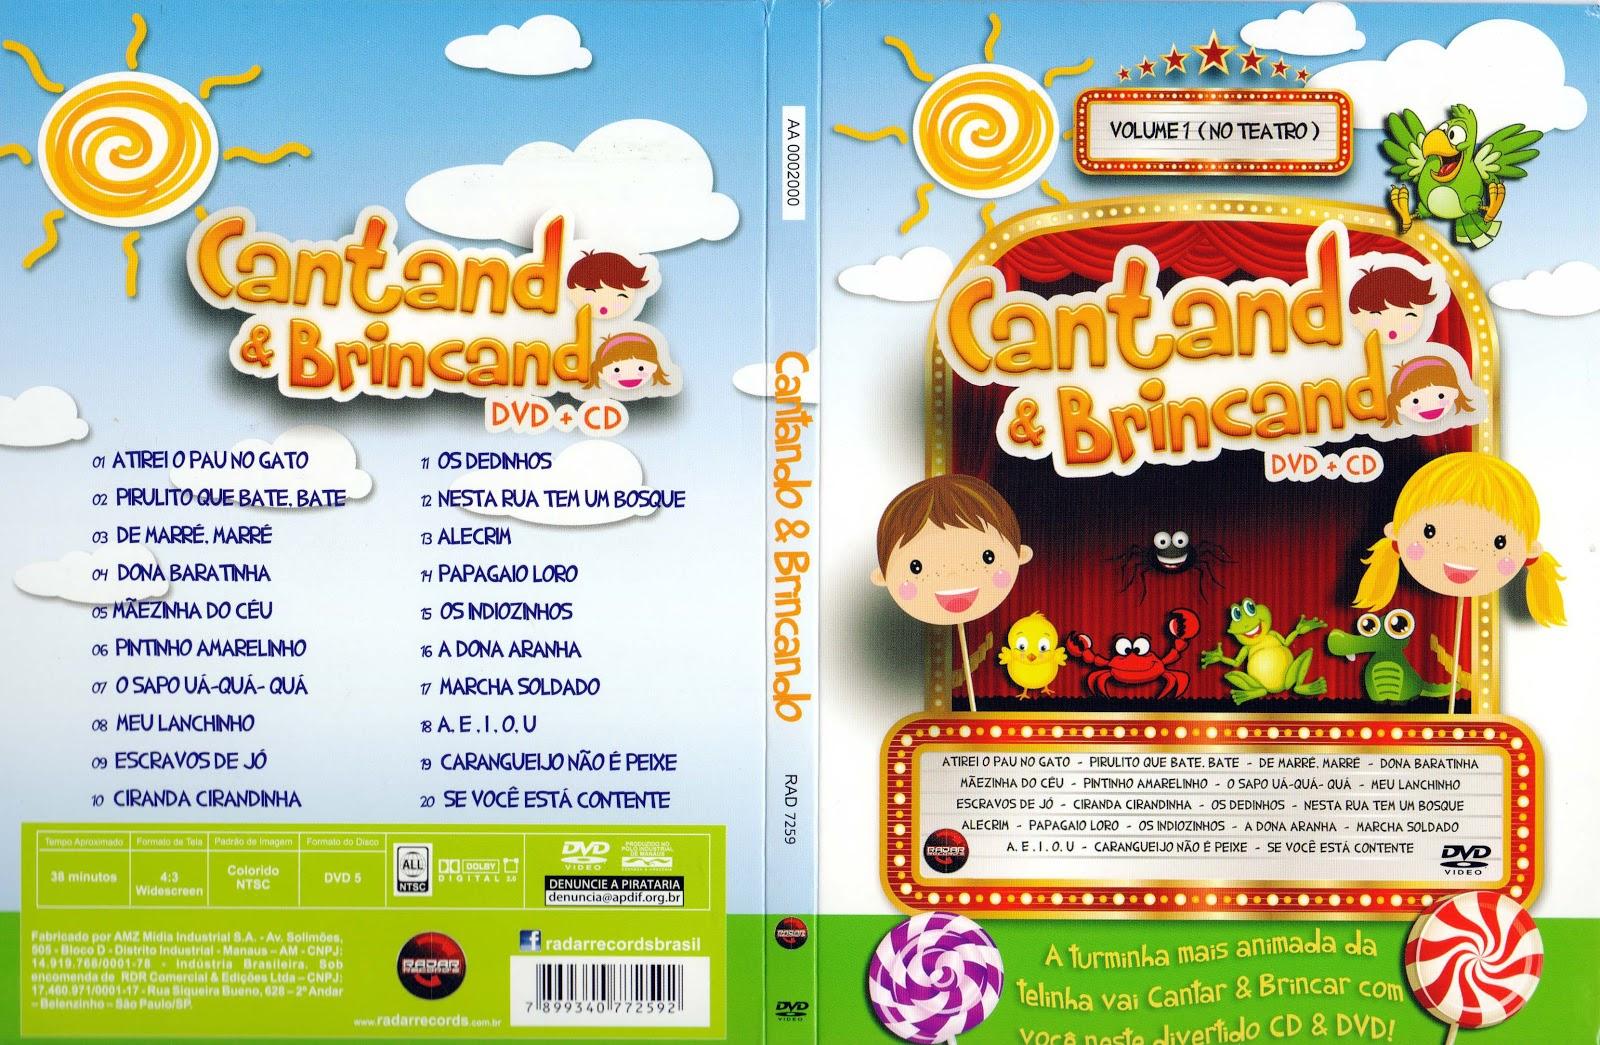 Capa DVD Cantando E Brincando